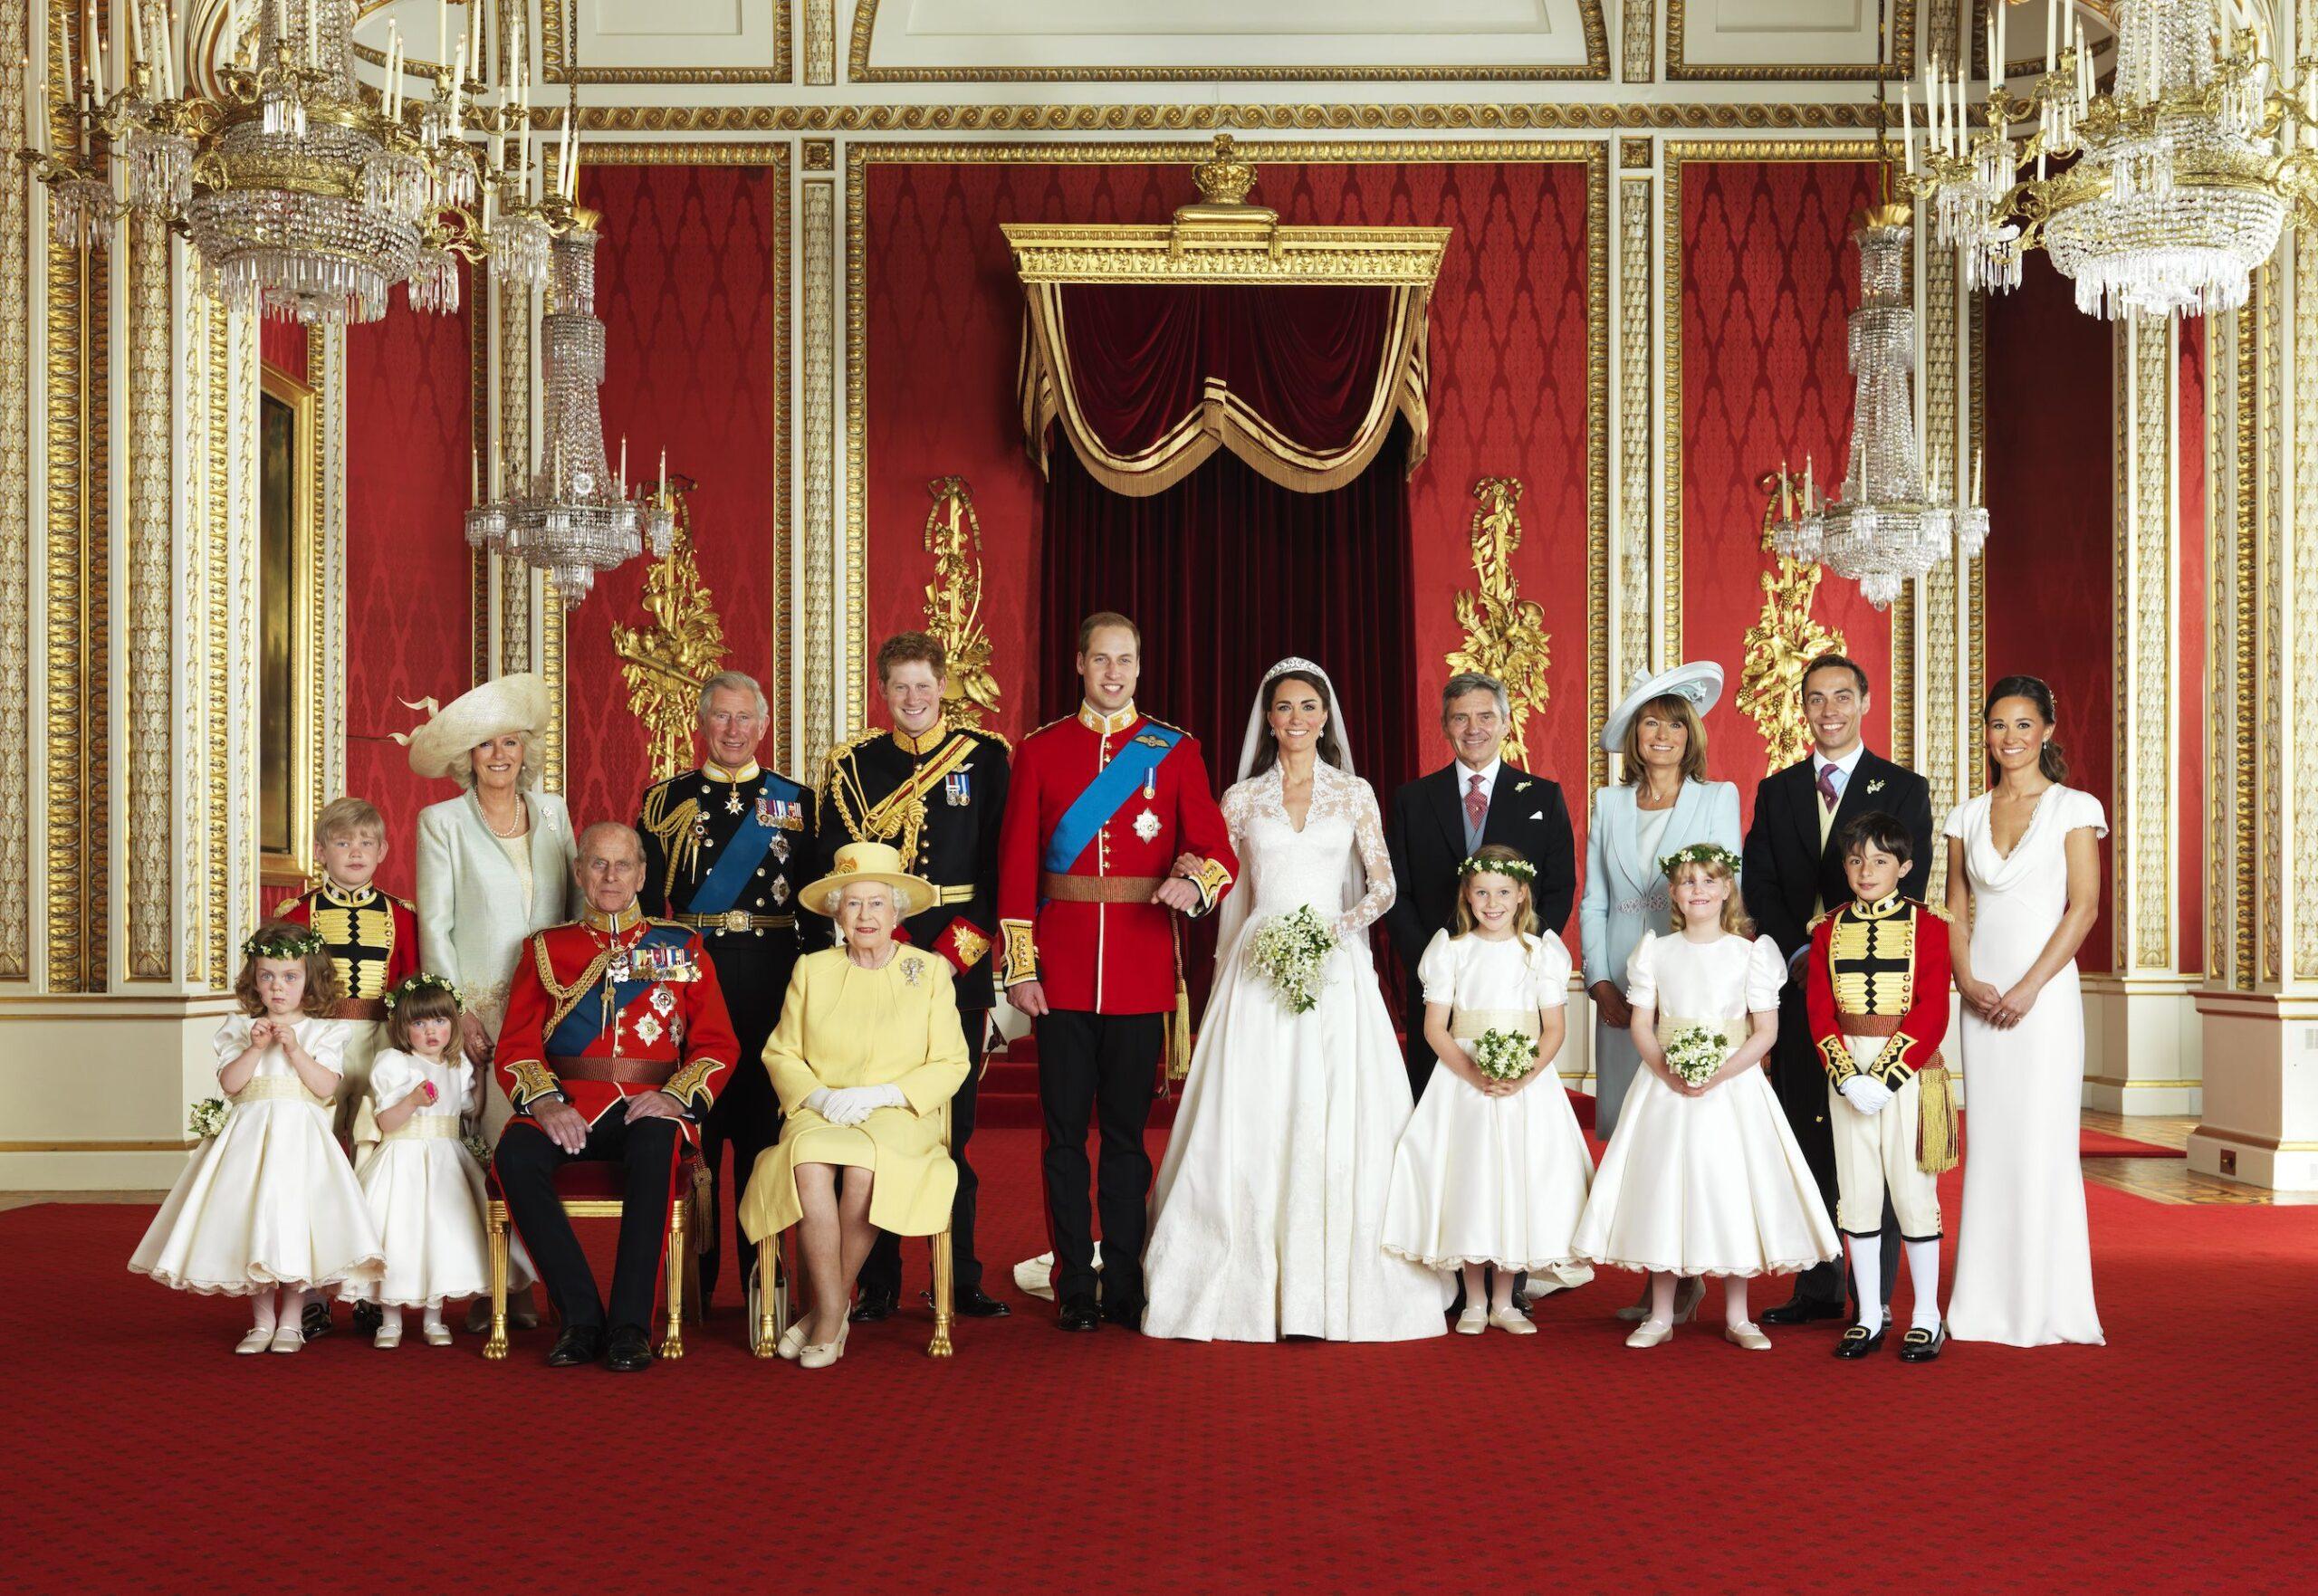 δημοφιλή νυφικά βασιλική οικογένεια